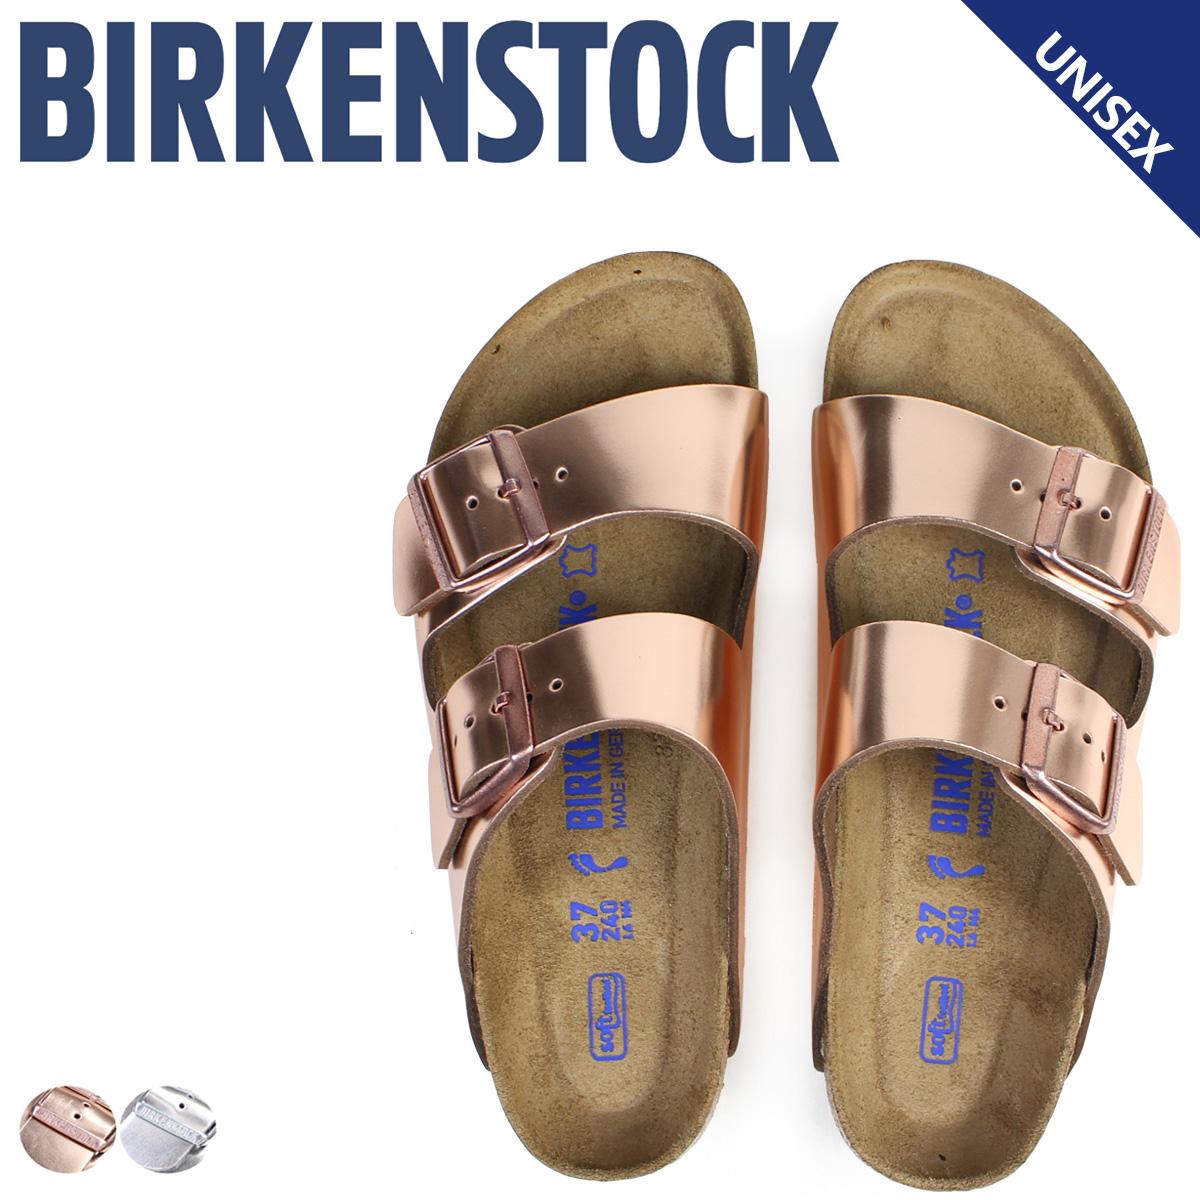 BIRKENSTOCK アリゾナ メンズ レディース ビルケンシュトック ARIZONA ビルケン サンダル 細幅 レザー